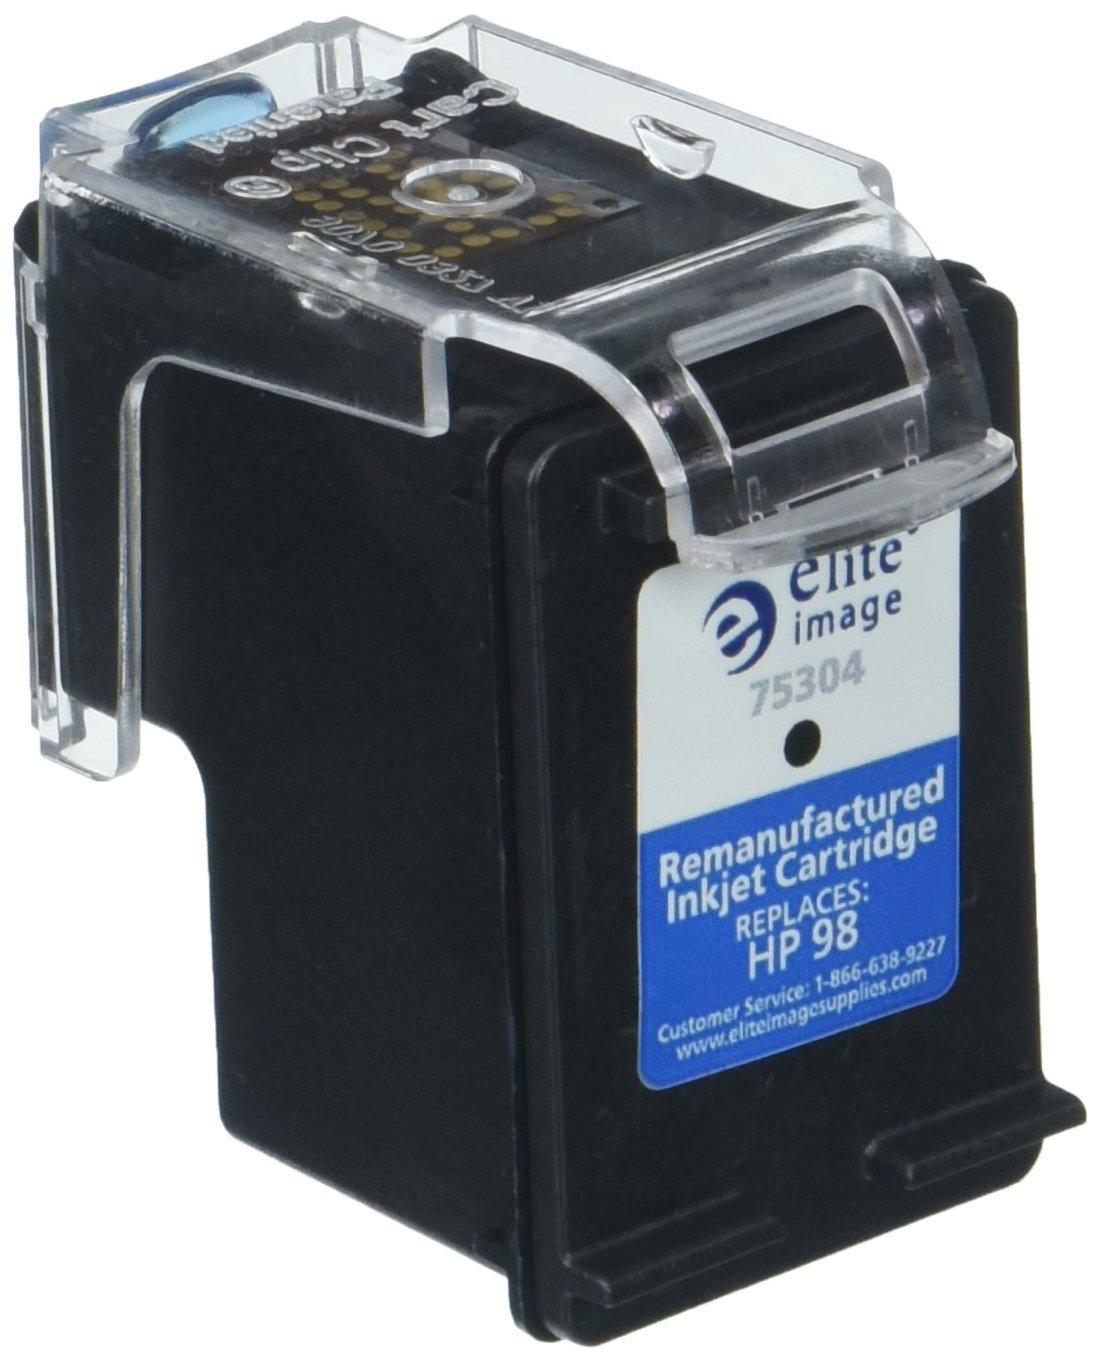 Hình ảnh những người ưu tú nhất tương thích với eli75304 Inkjet thay thế Hewlett - Packard c9364wn (